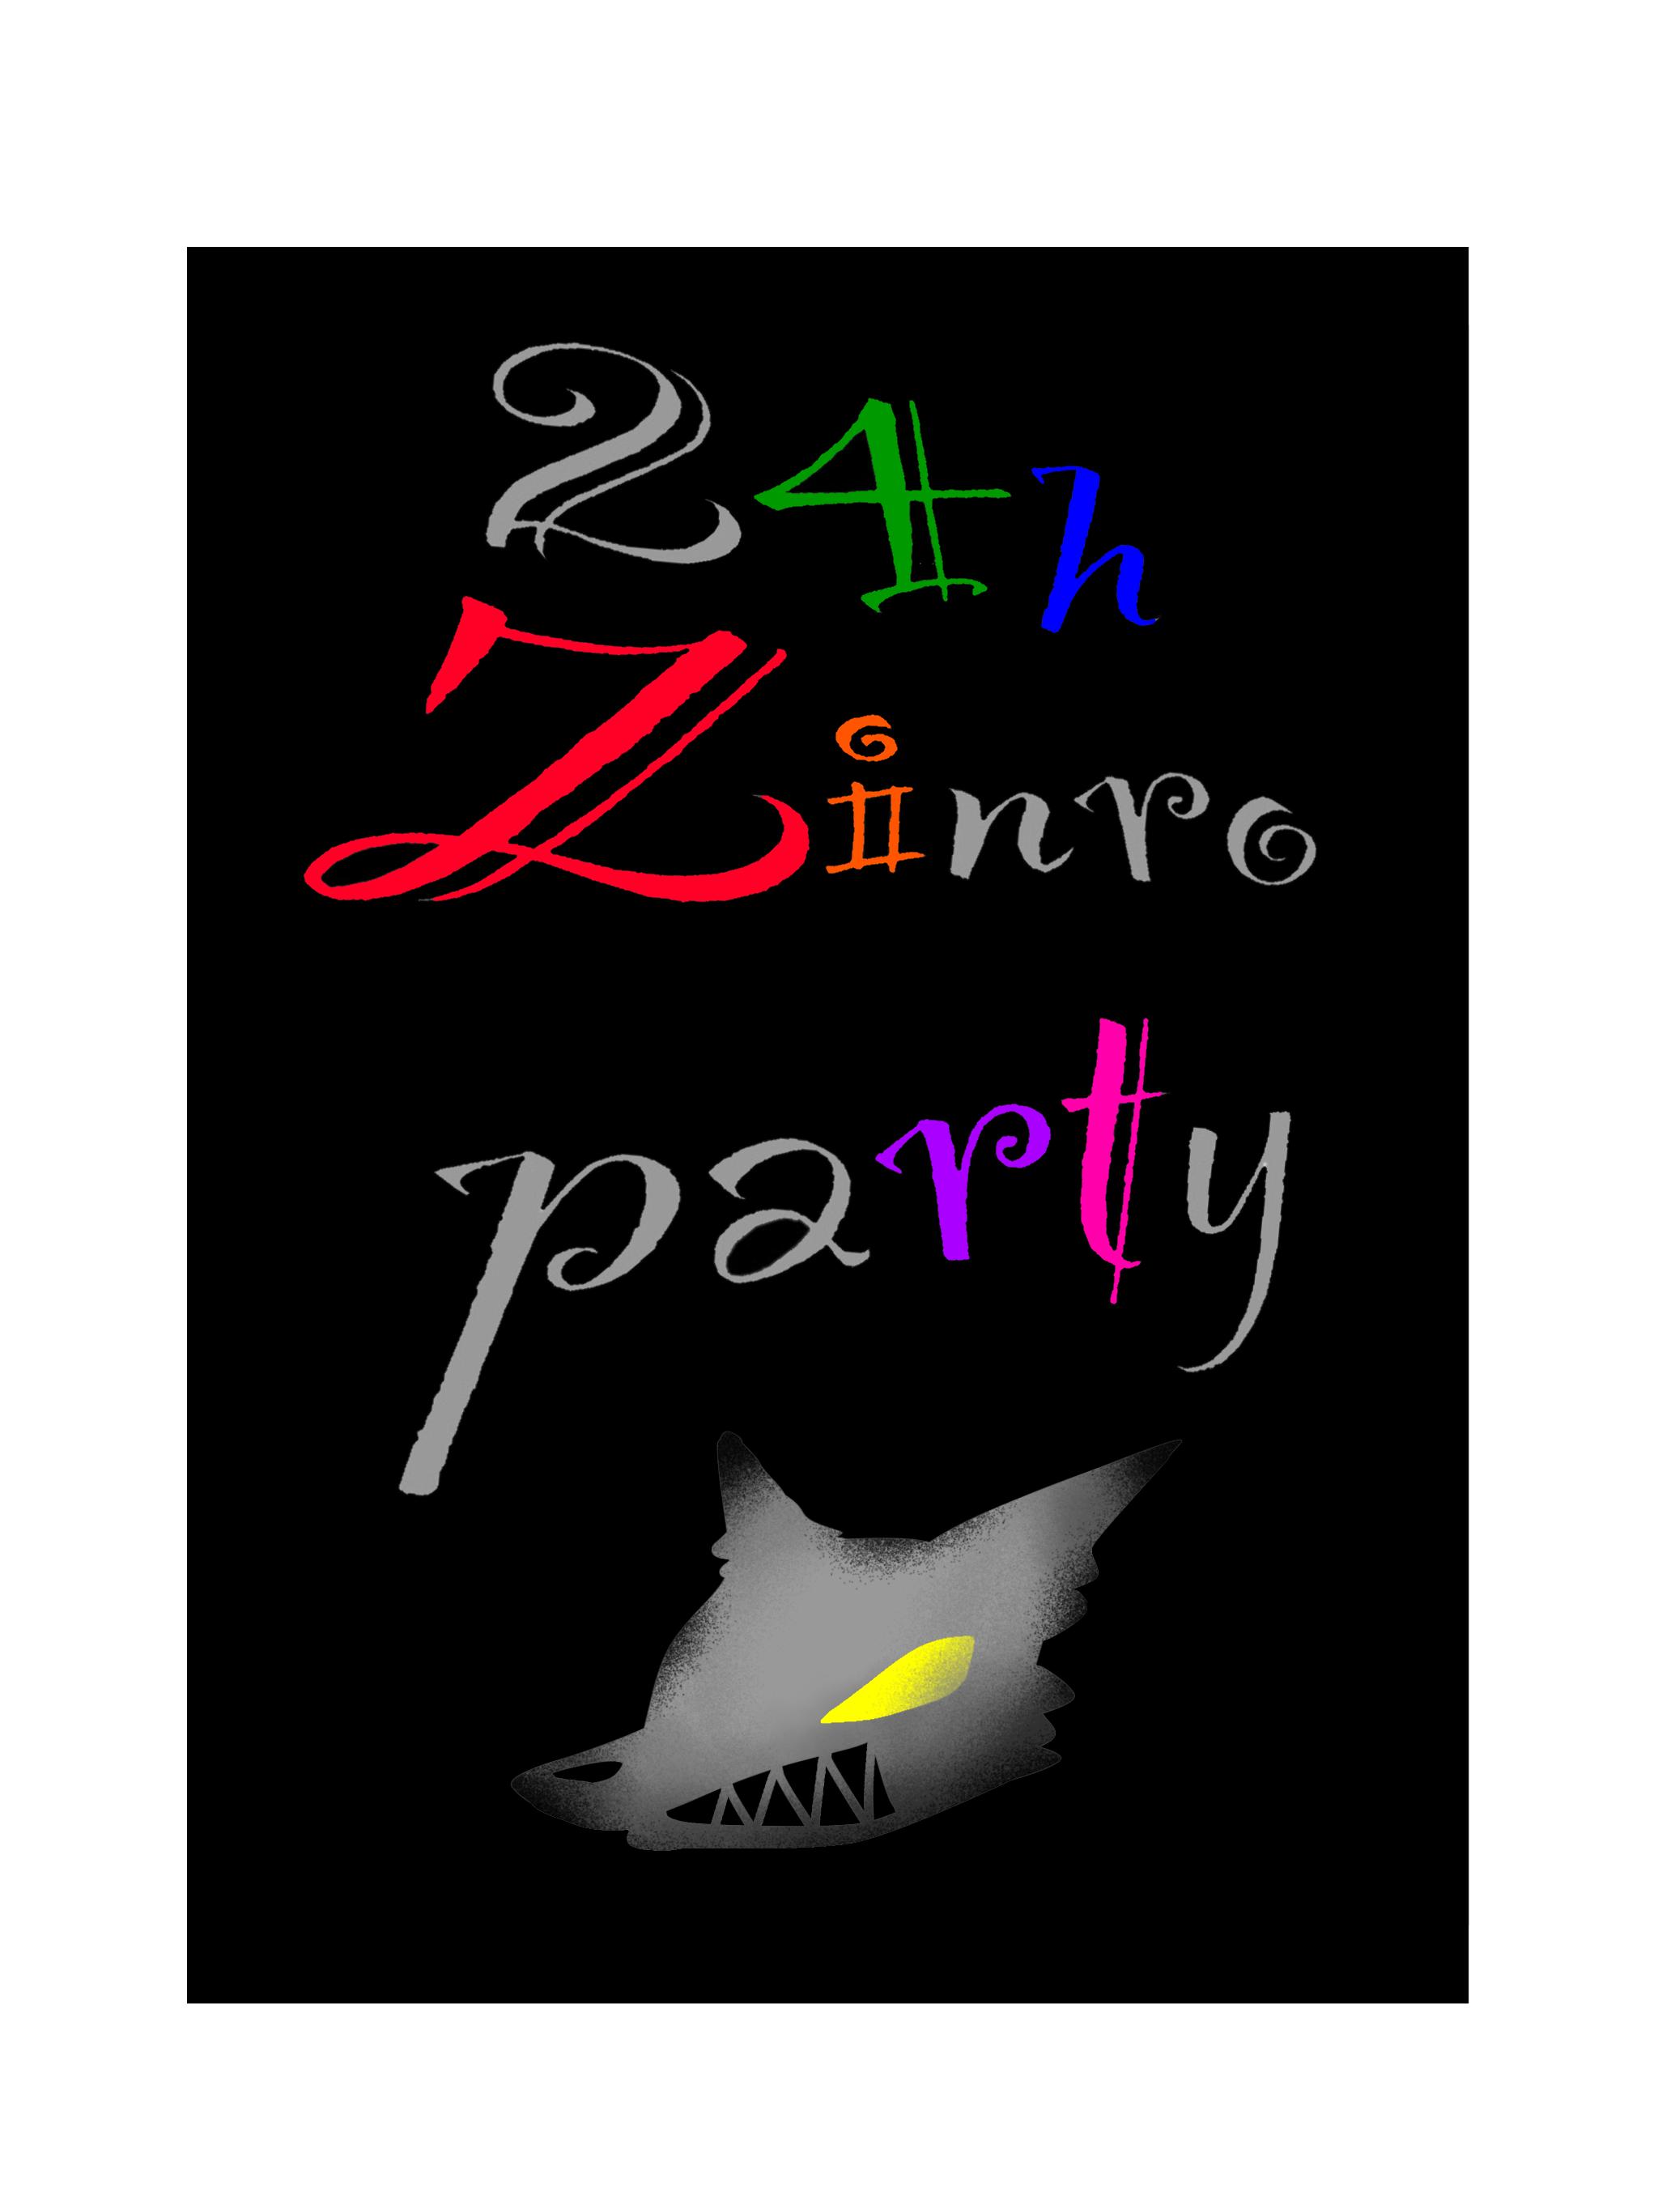 24時間耐久人狼パーティー画像